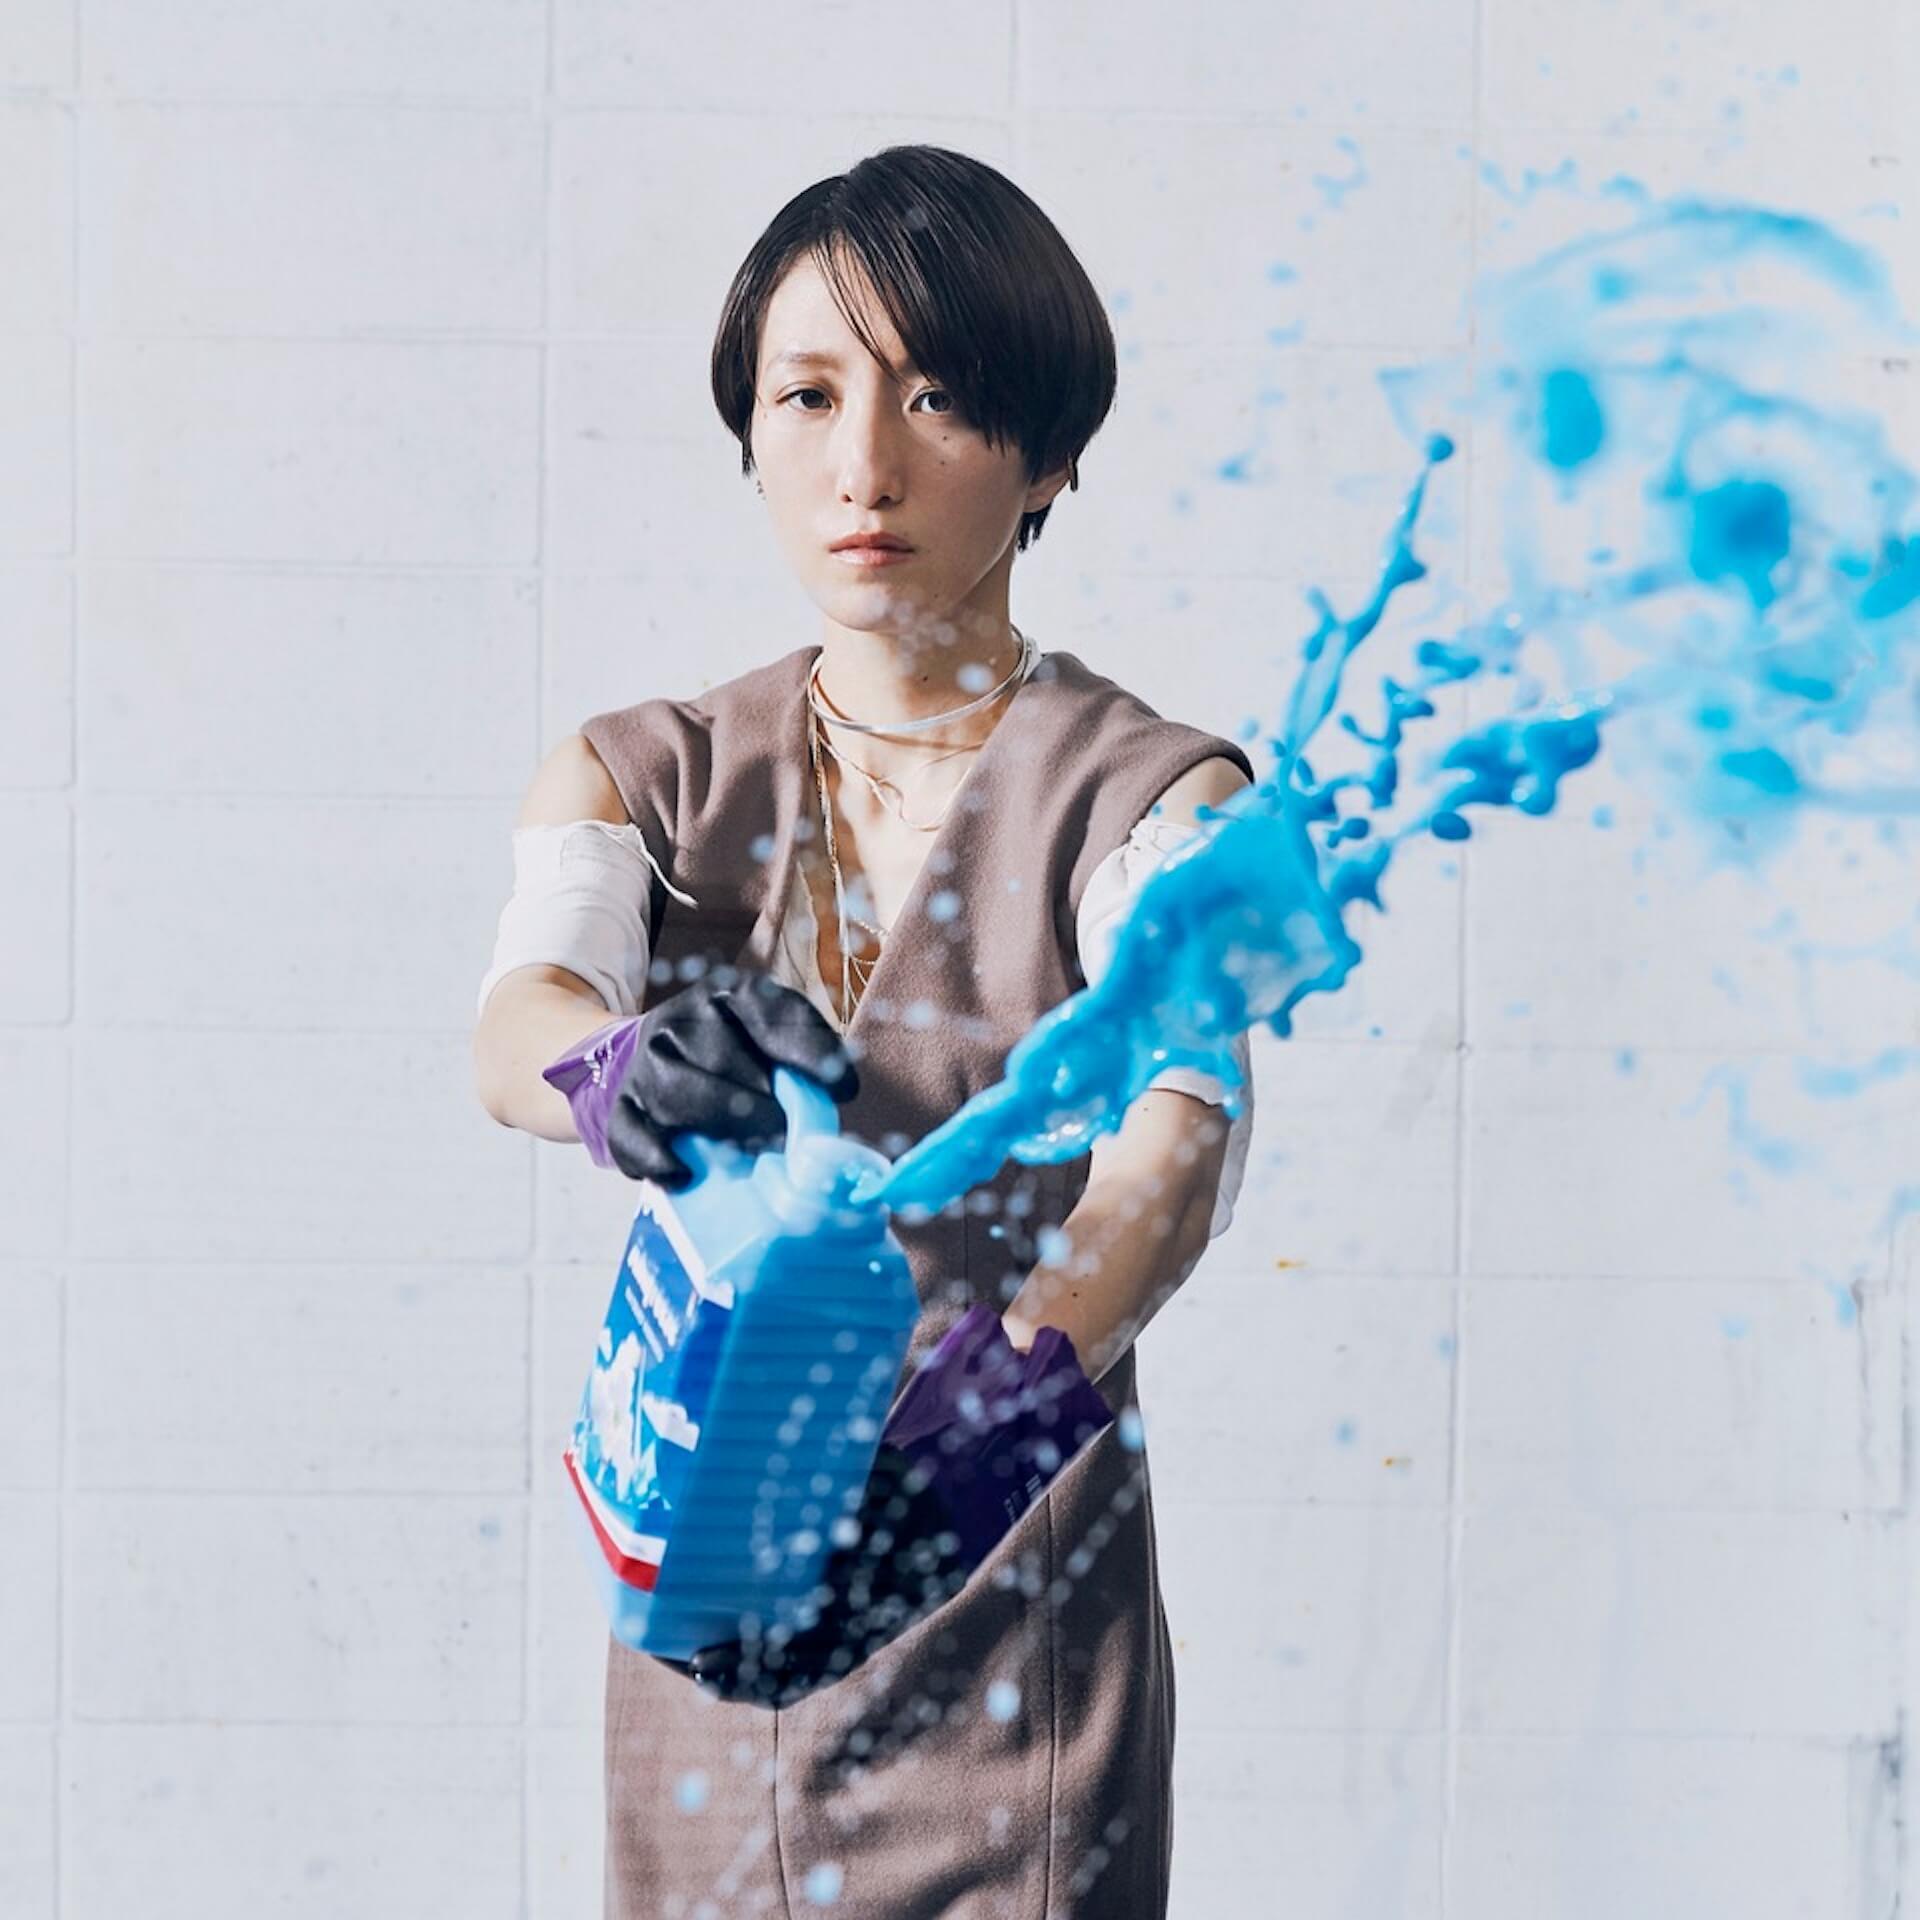 「また馬鹿な僕らで会おうぜ」━━日食なつこが1年4ヶ月ぶりの有観客ライブで魅せた<白亜>という新時代 interview210701_nisshoku-natsuko-nbuna-02